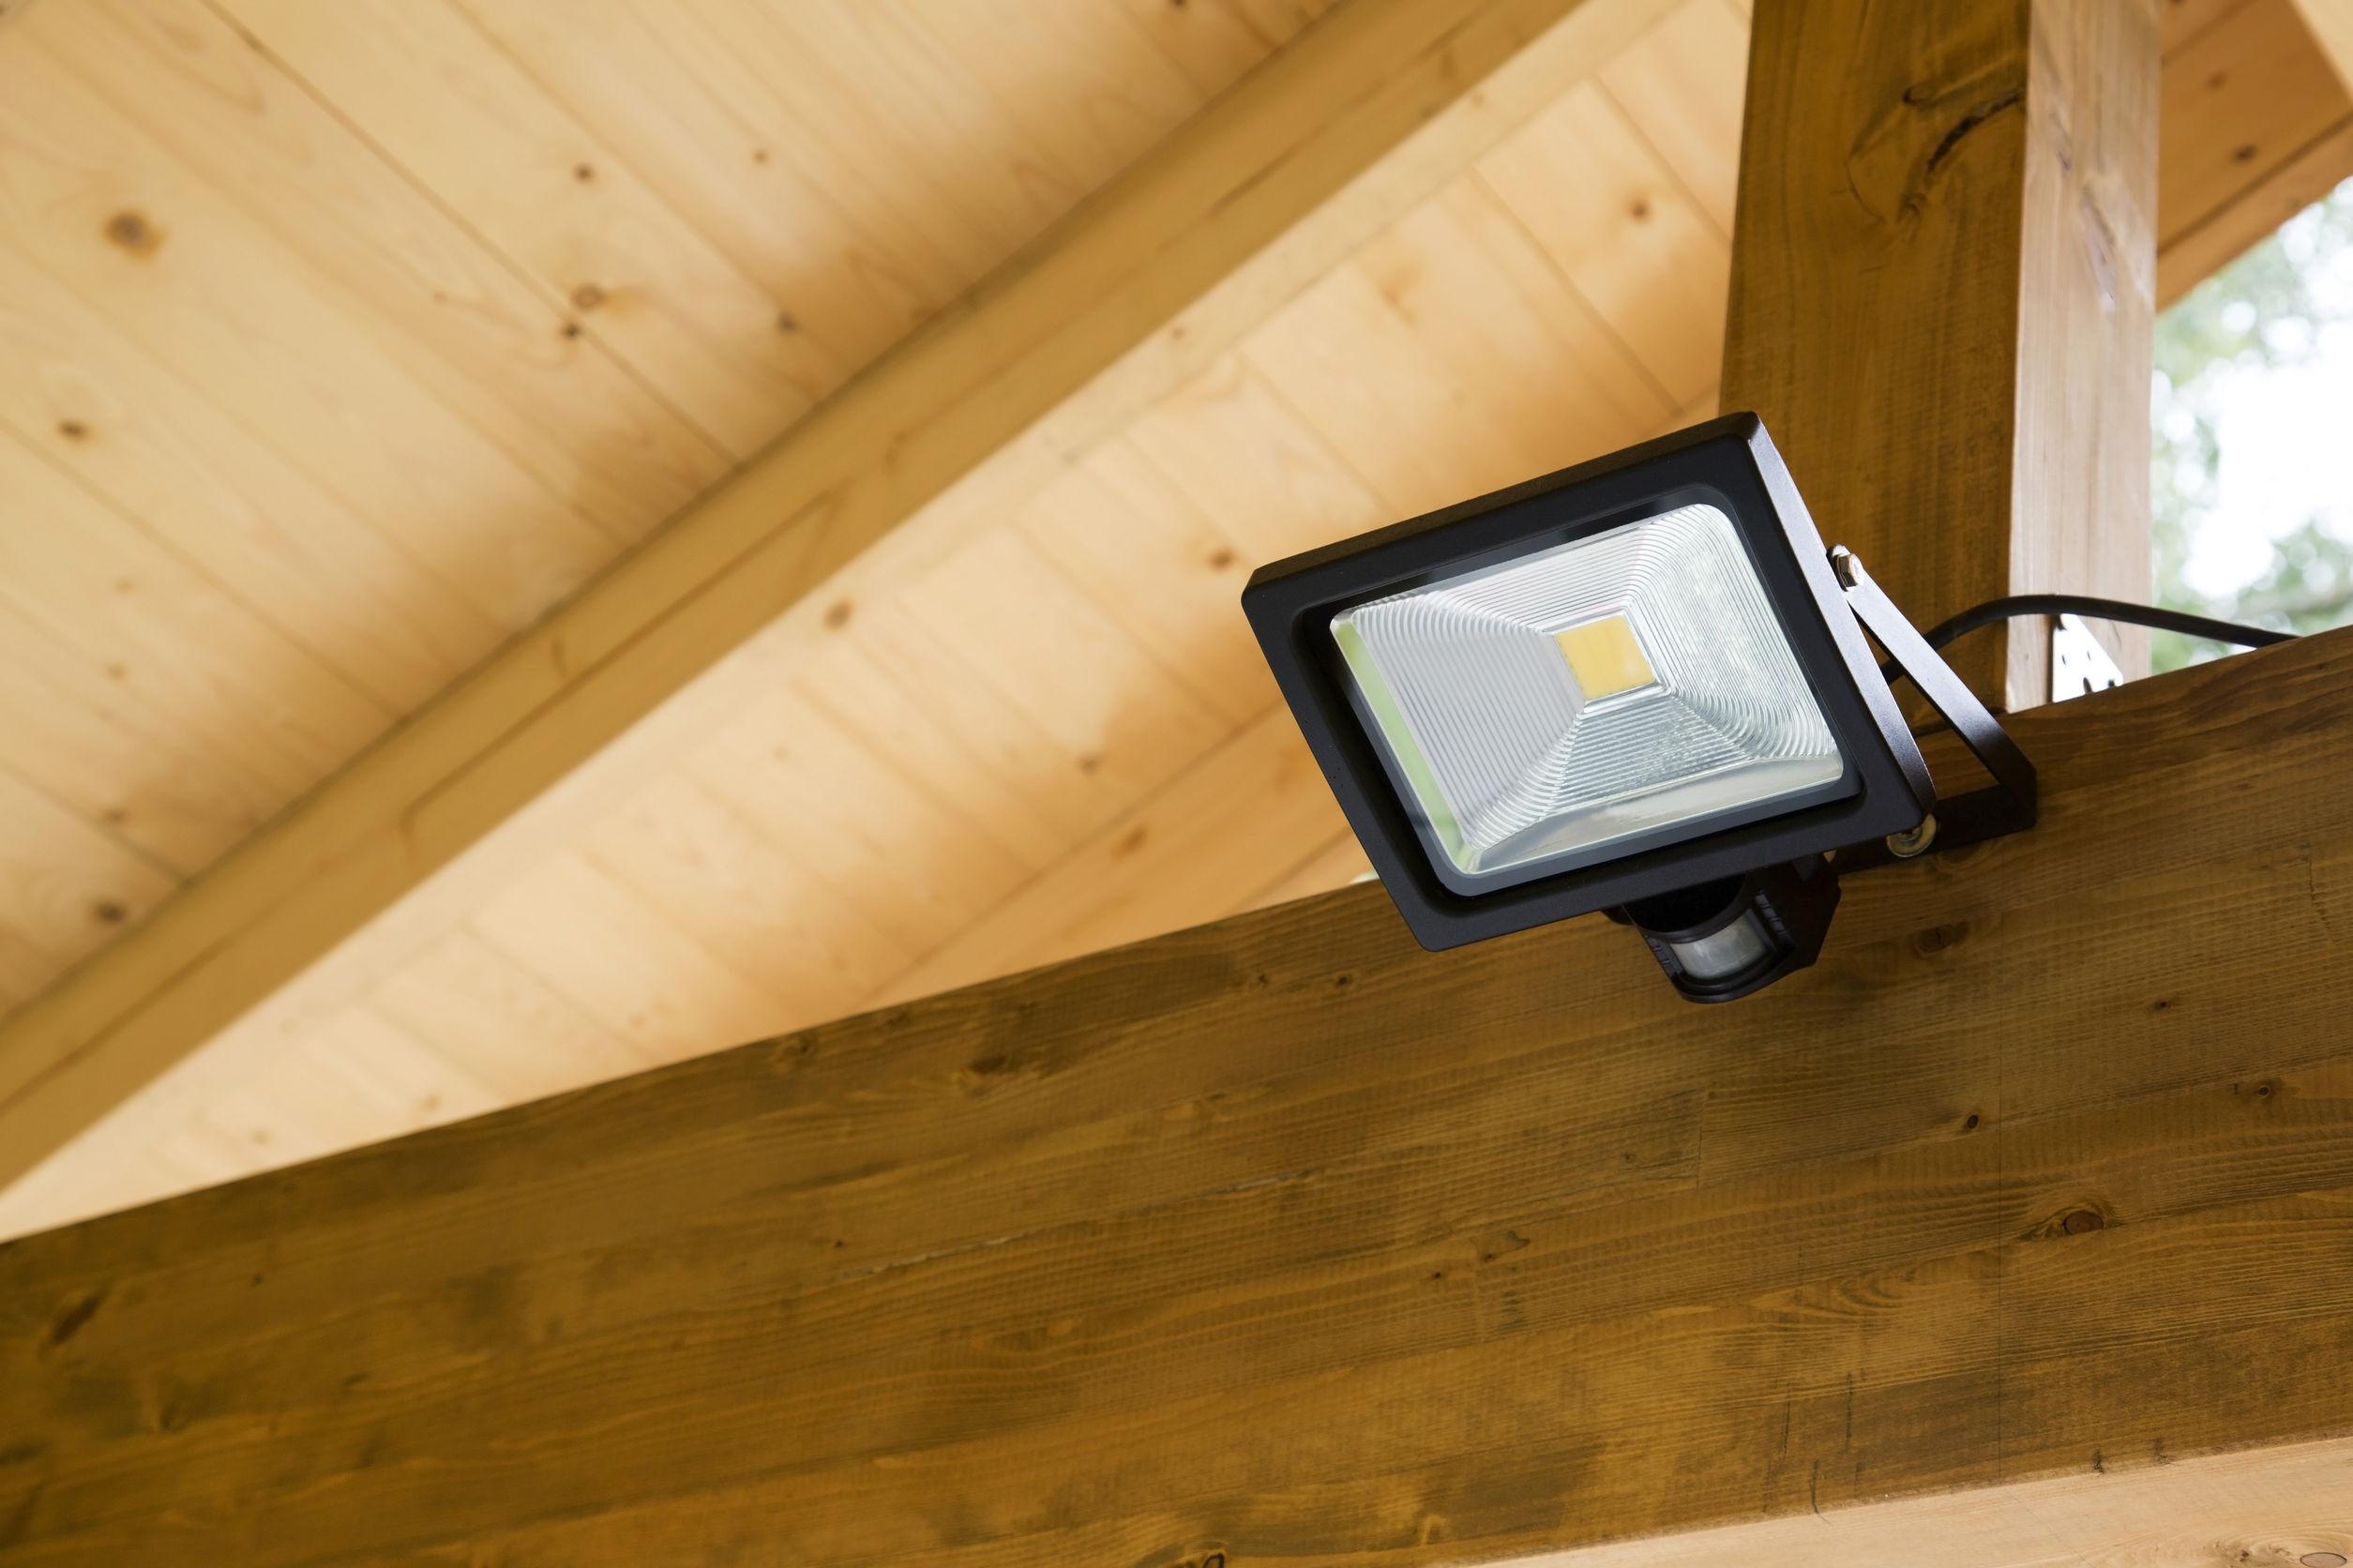 Imagem mostra um refletor LED instalado em uma estrutura de madeira.